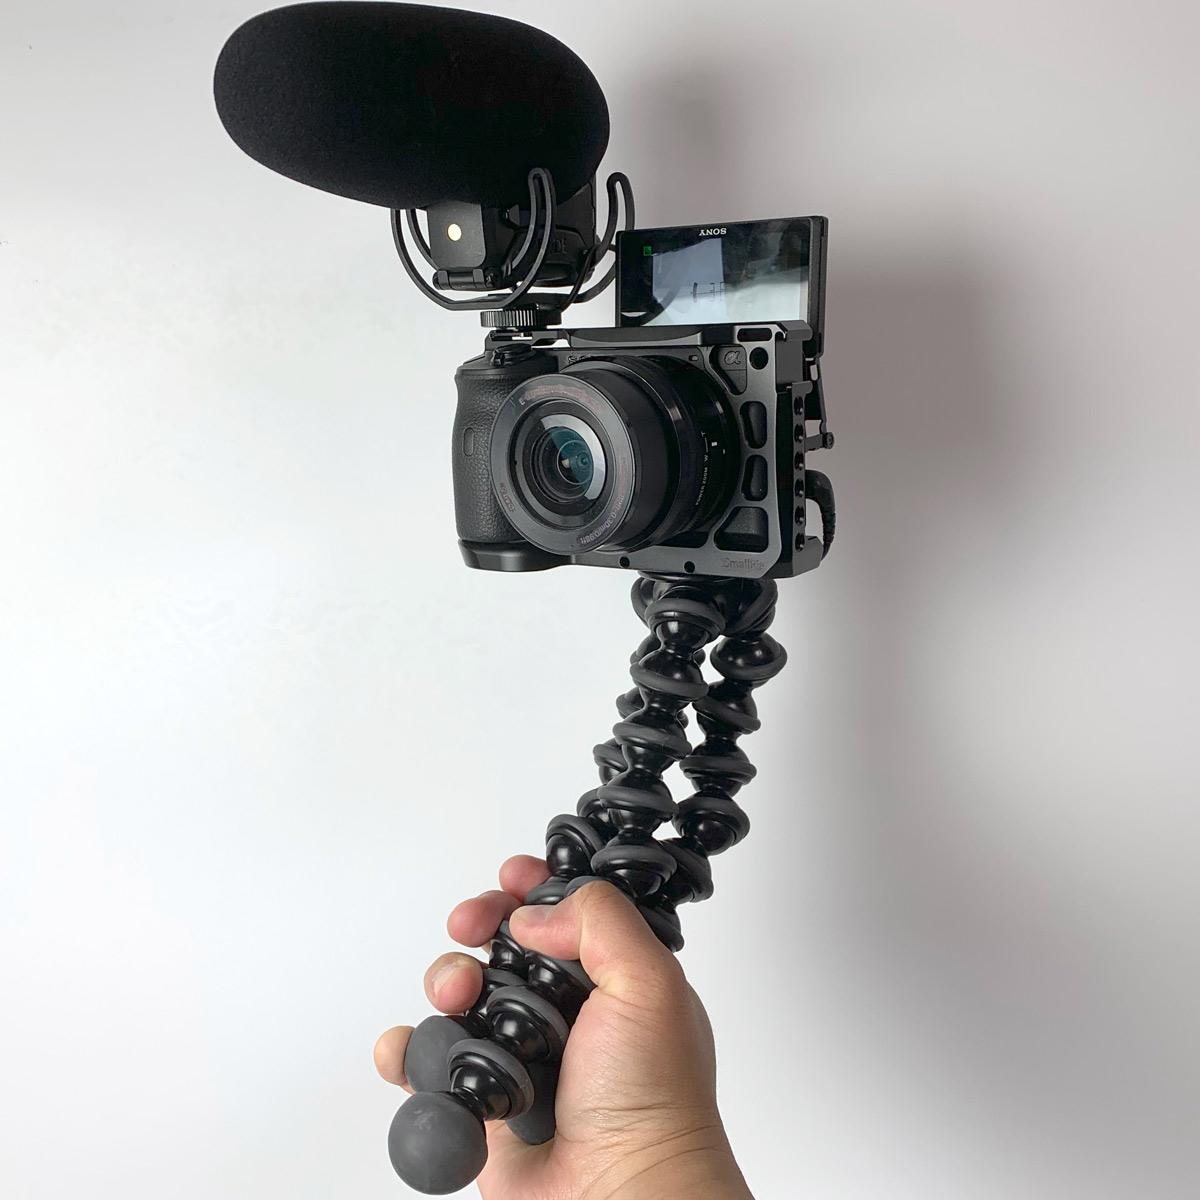 今さら聞けない「Vlog」入門ガイド! カメラやアクセサリーなどをレベル別で徹底解説